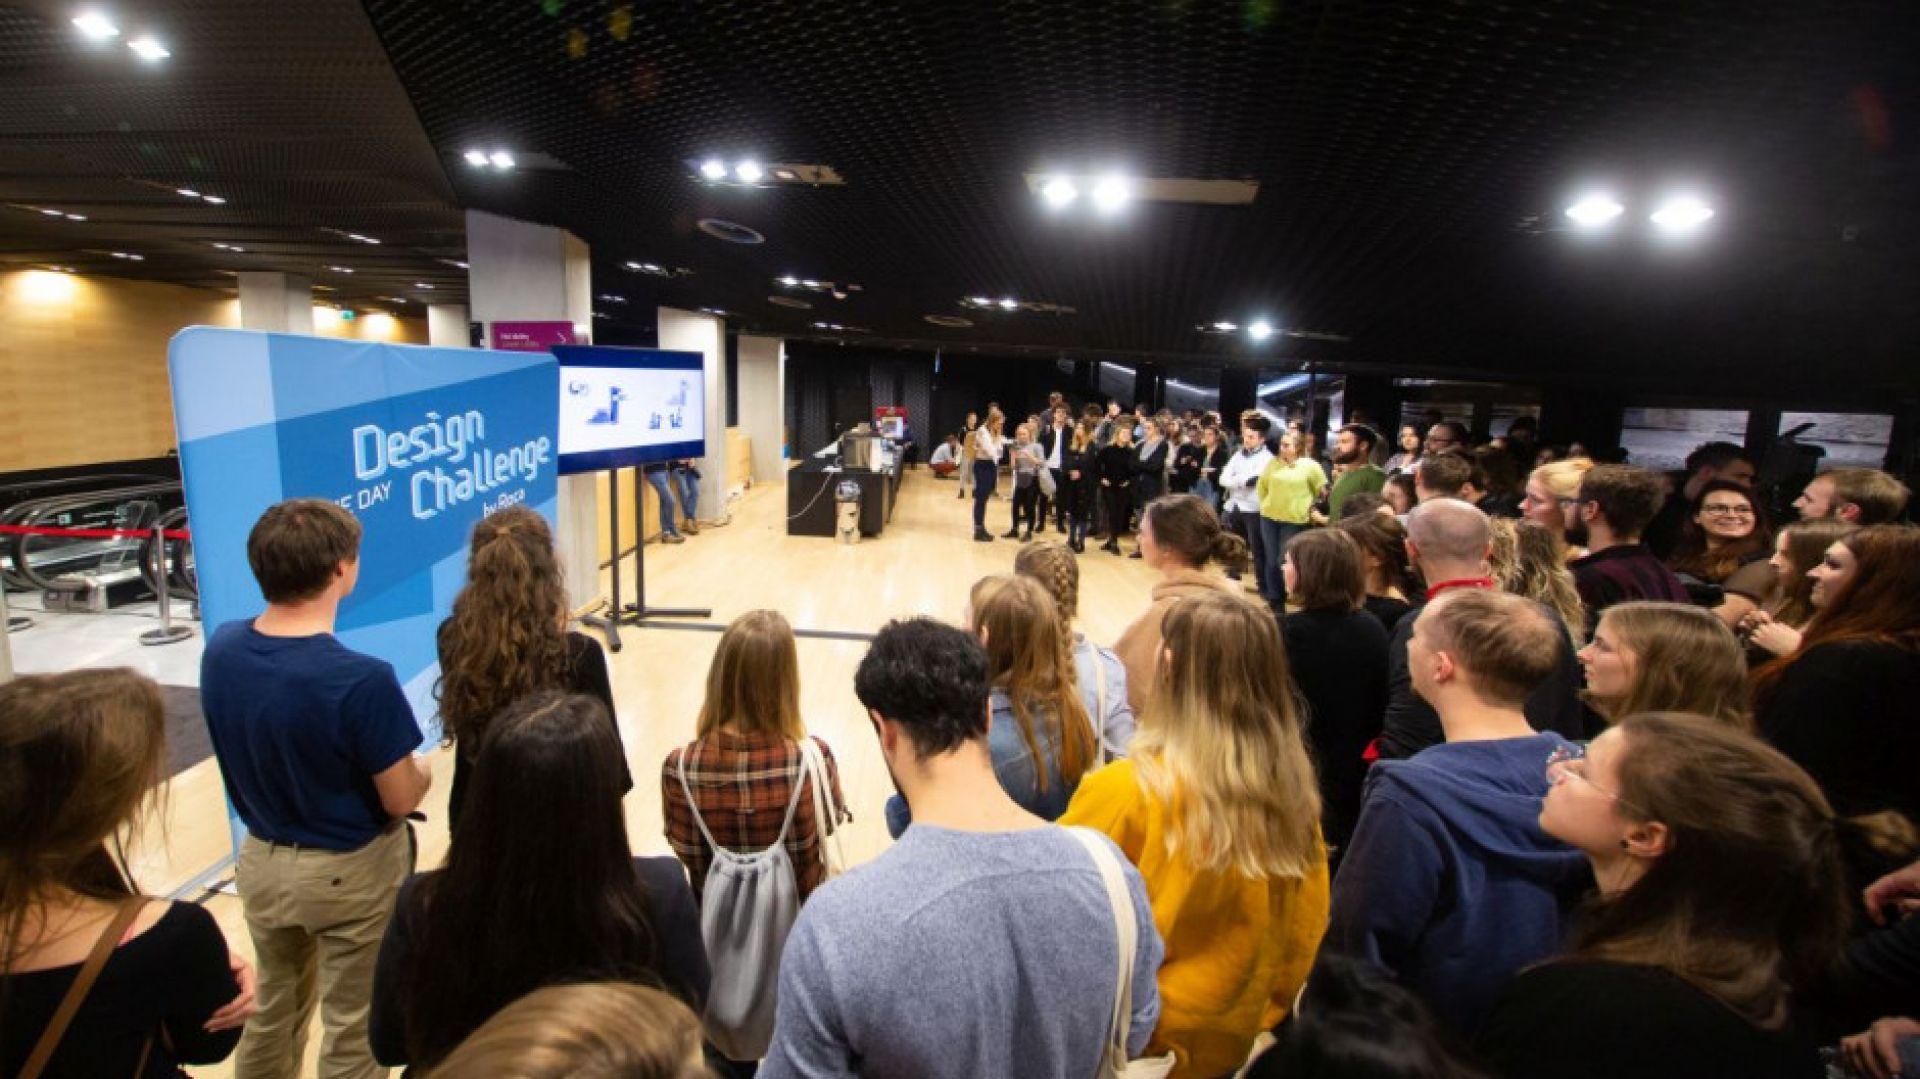 Uroczyste ogłoszenie wyników konkursu Roca One Day Design Challenge i wręczenie nagród odbyło się o 26 stycznia br. w Międzynarodowym Centrum Kongresowym w Katowicach podczas 4 Design Days. Fot. Roca Polska, Krzysztof Matuszyński